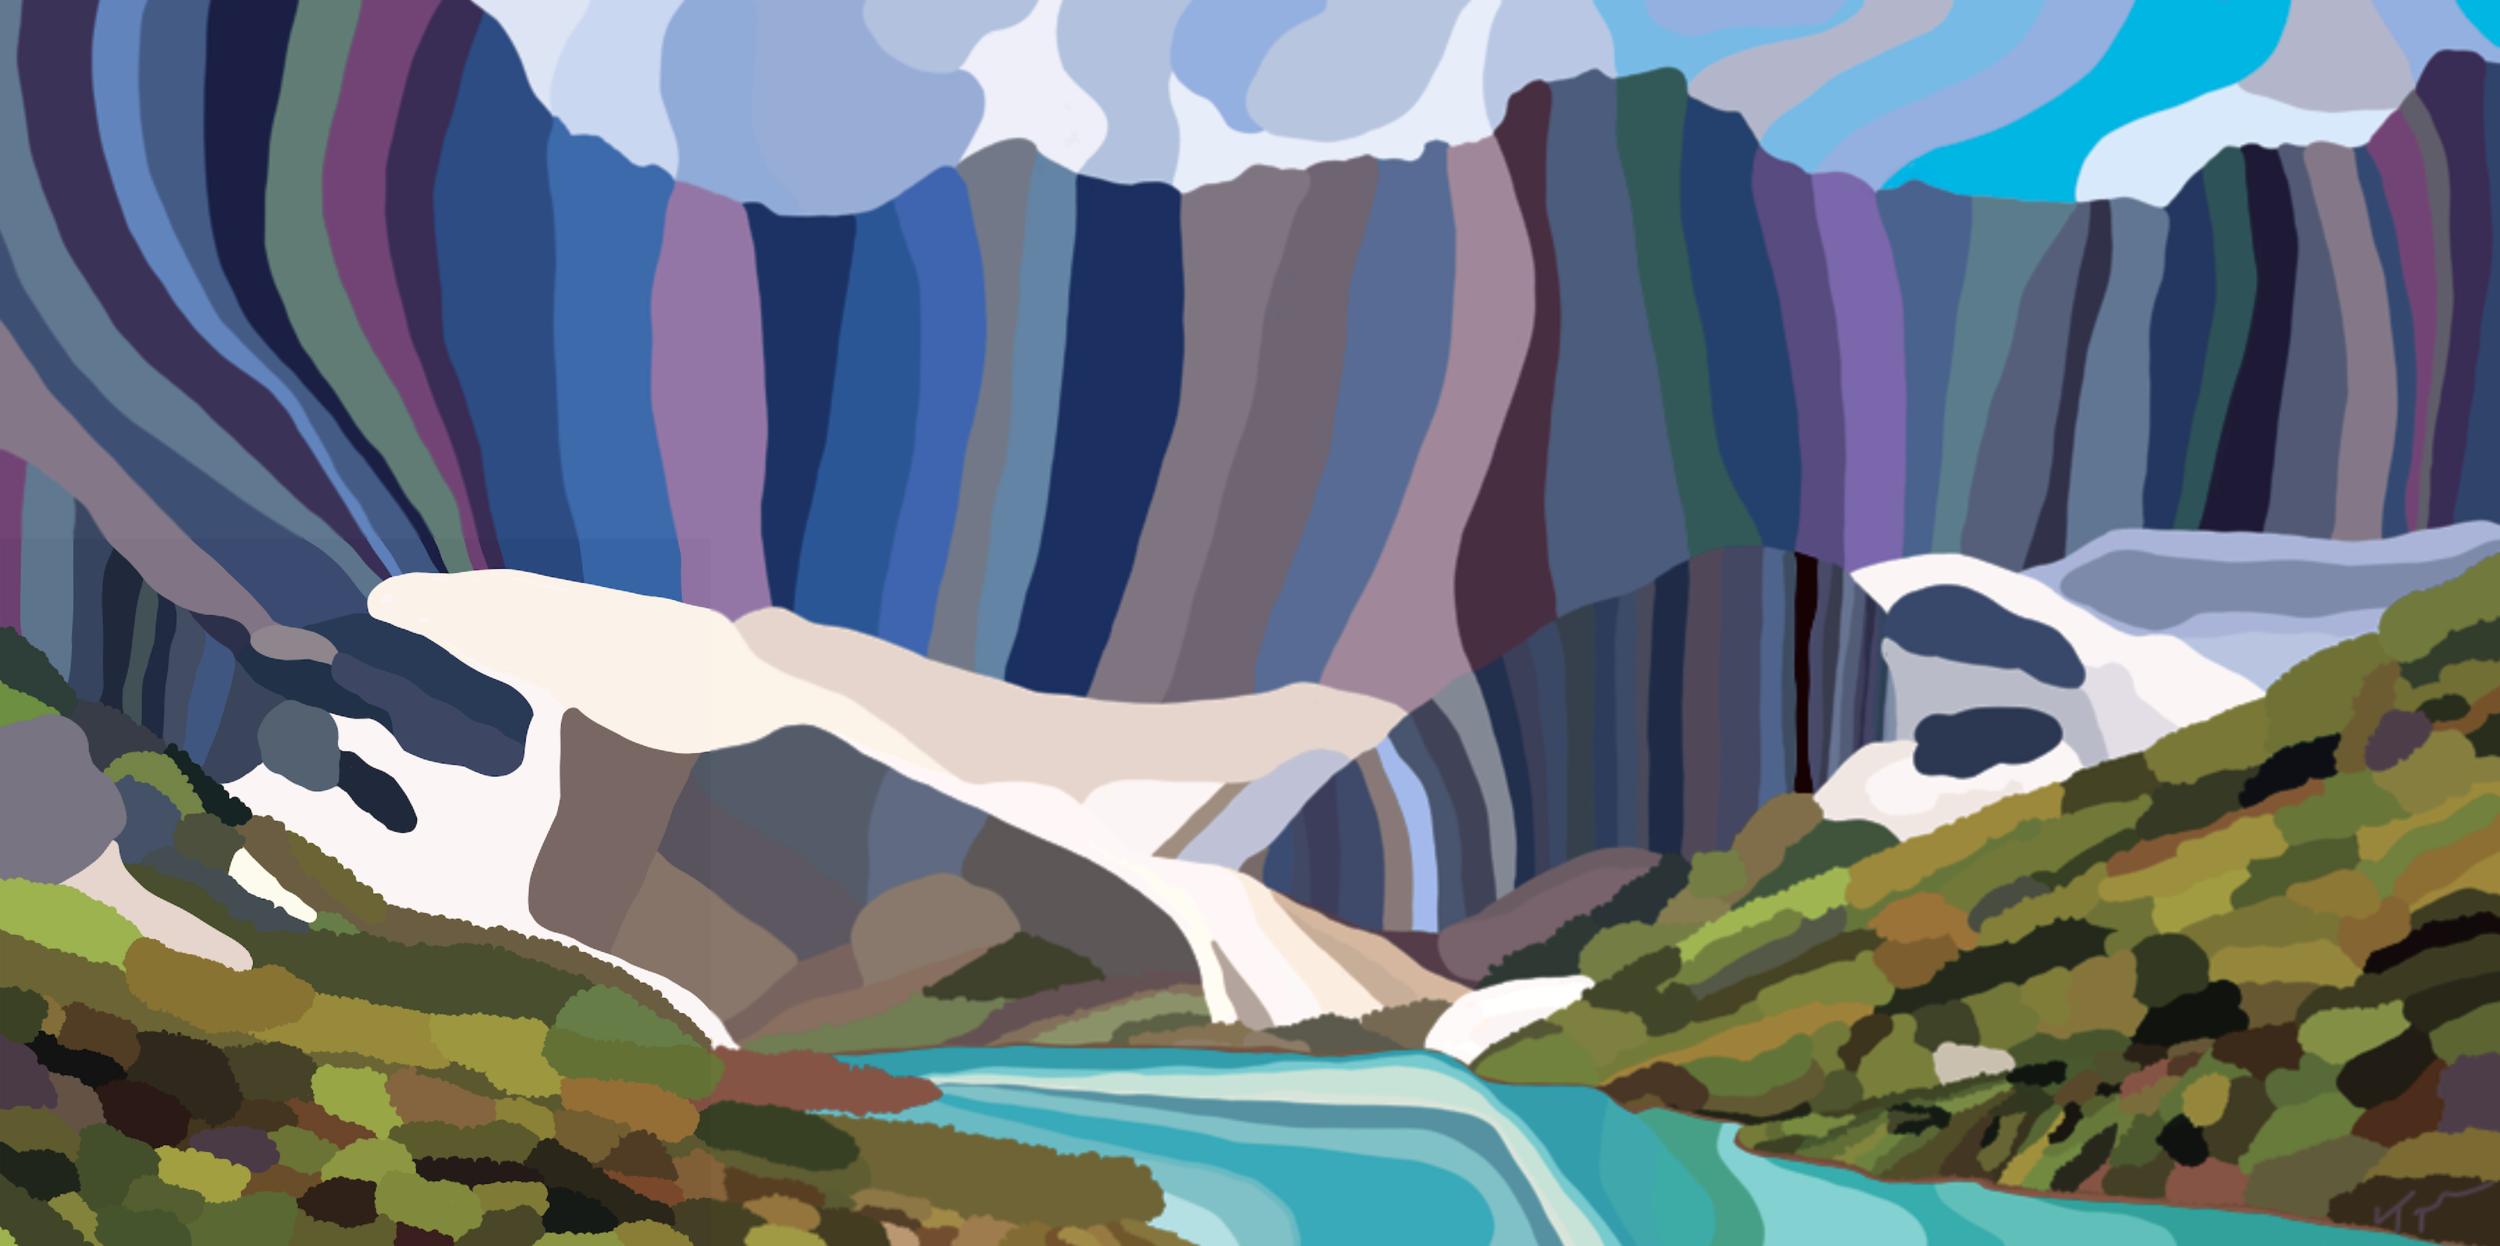 Glacier National Park  , 2019  Dye Sublimation on Aluminum   ORIGINAL   |   LIMITED EDITION   |  SOUVENIR